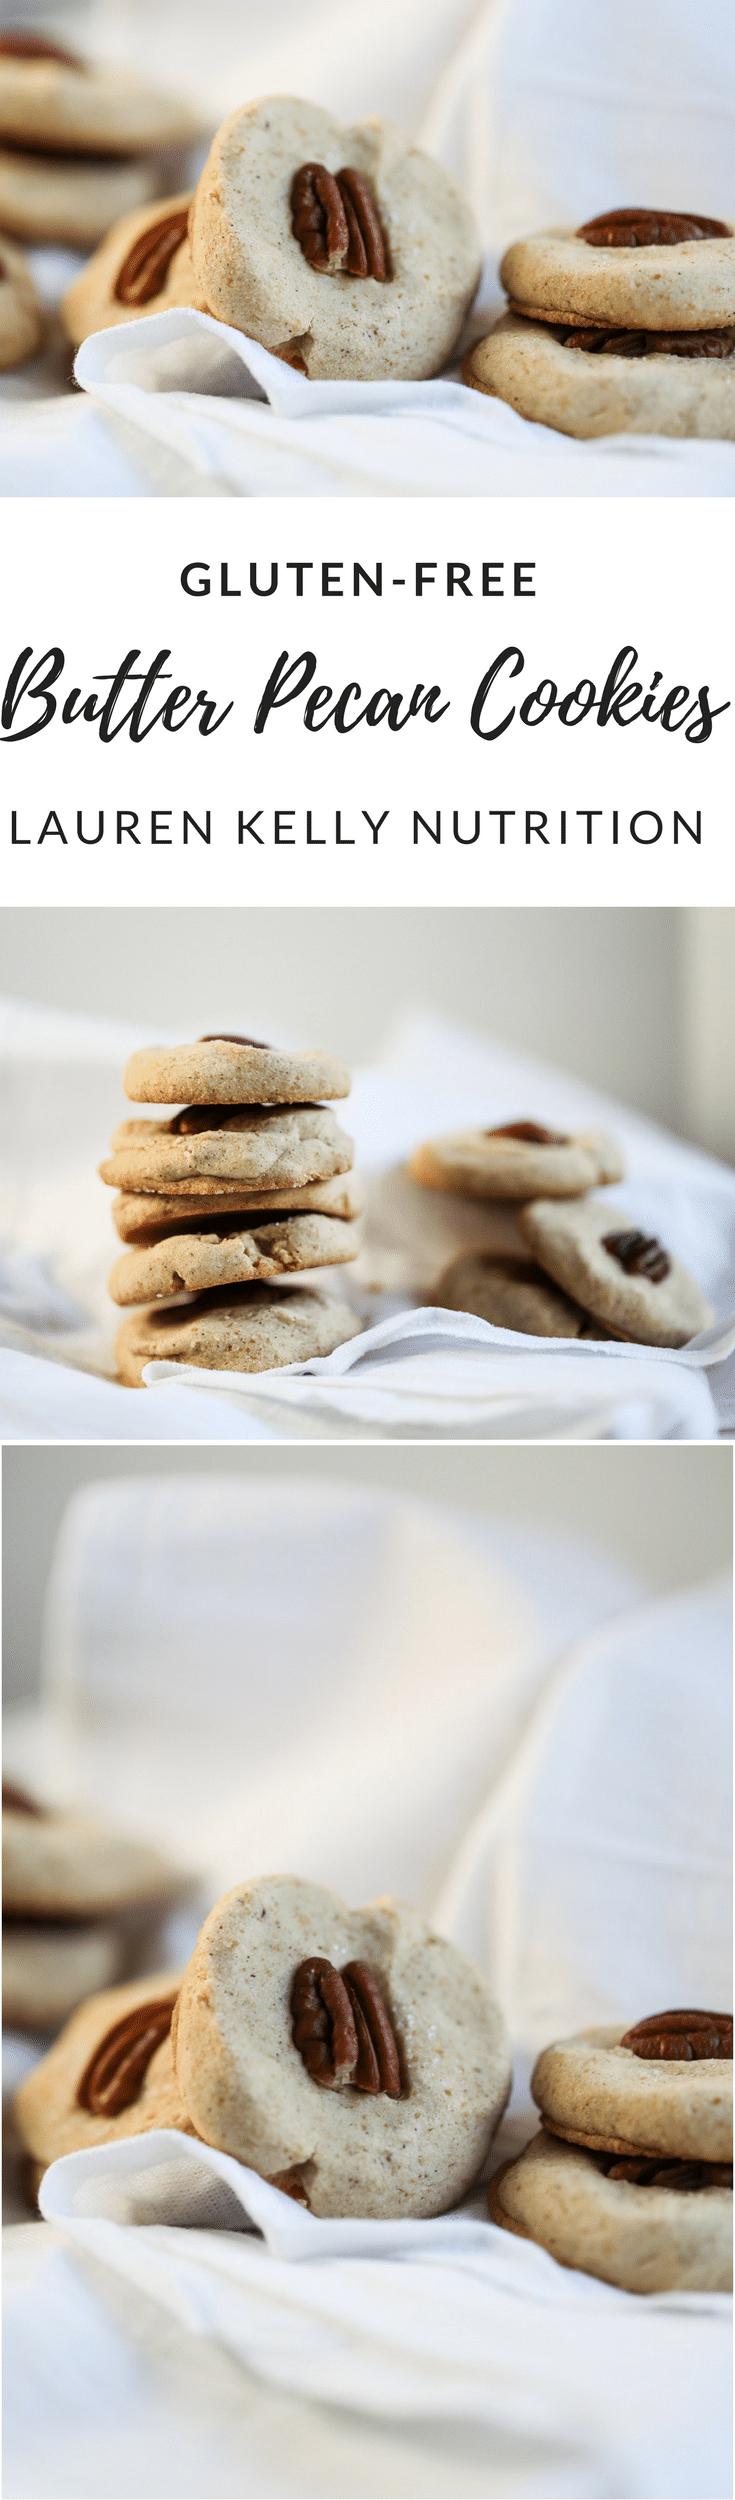 Gluten Free Butter Pecan Cookies